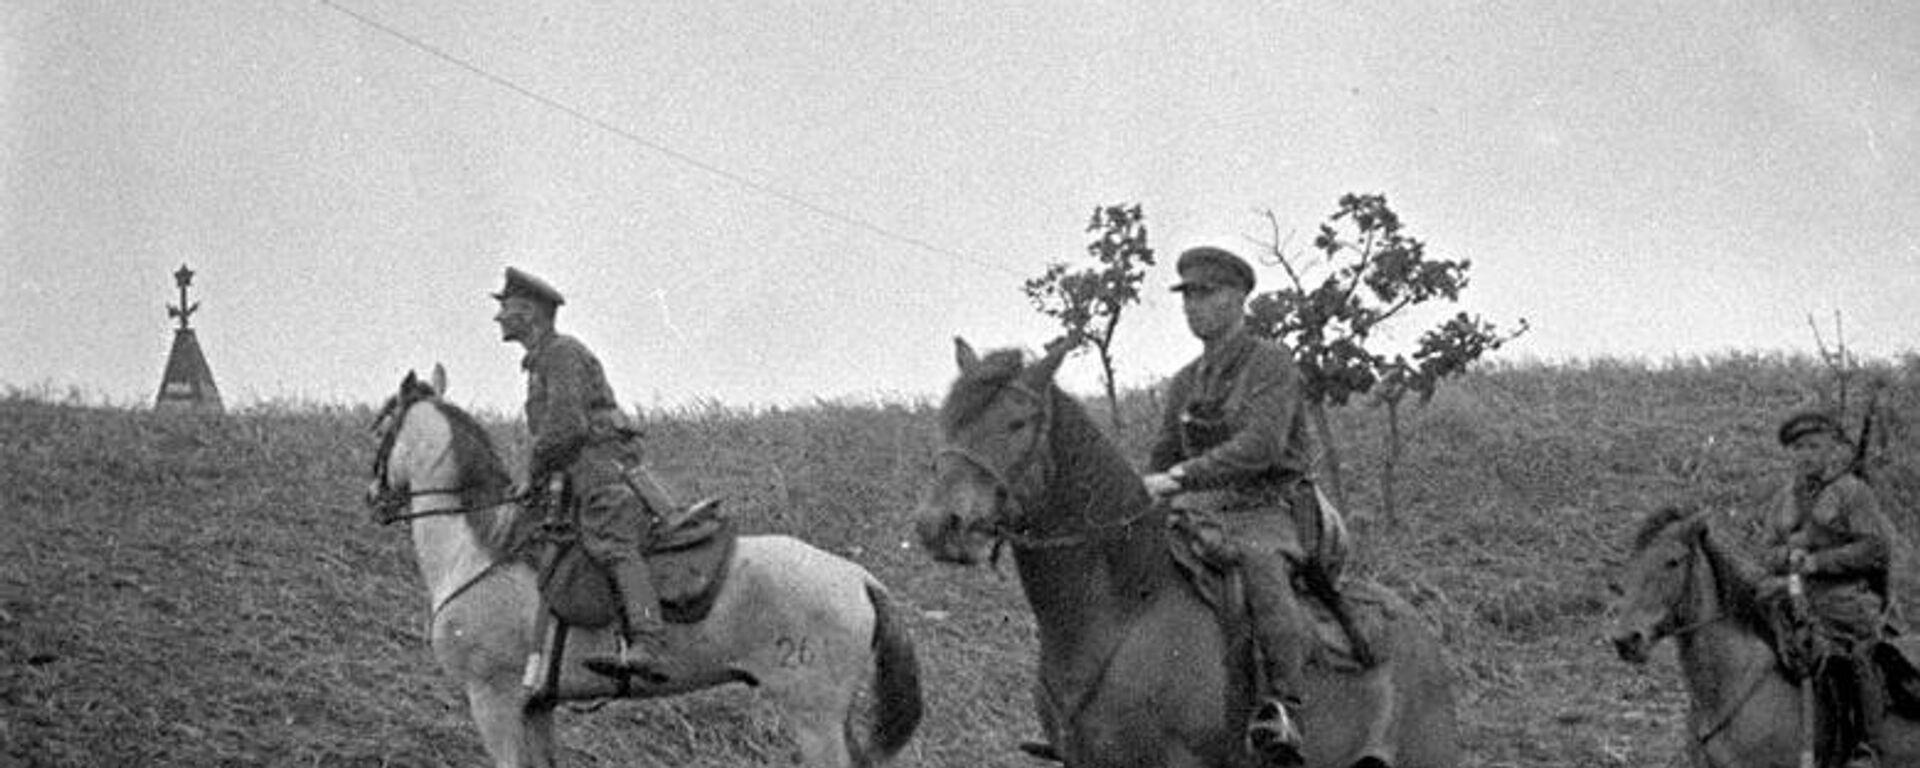 Наряд советских пограничников в районе озера Хасан. 1938 год - Sputnik Latvija, 1920, 06.09.2021